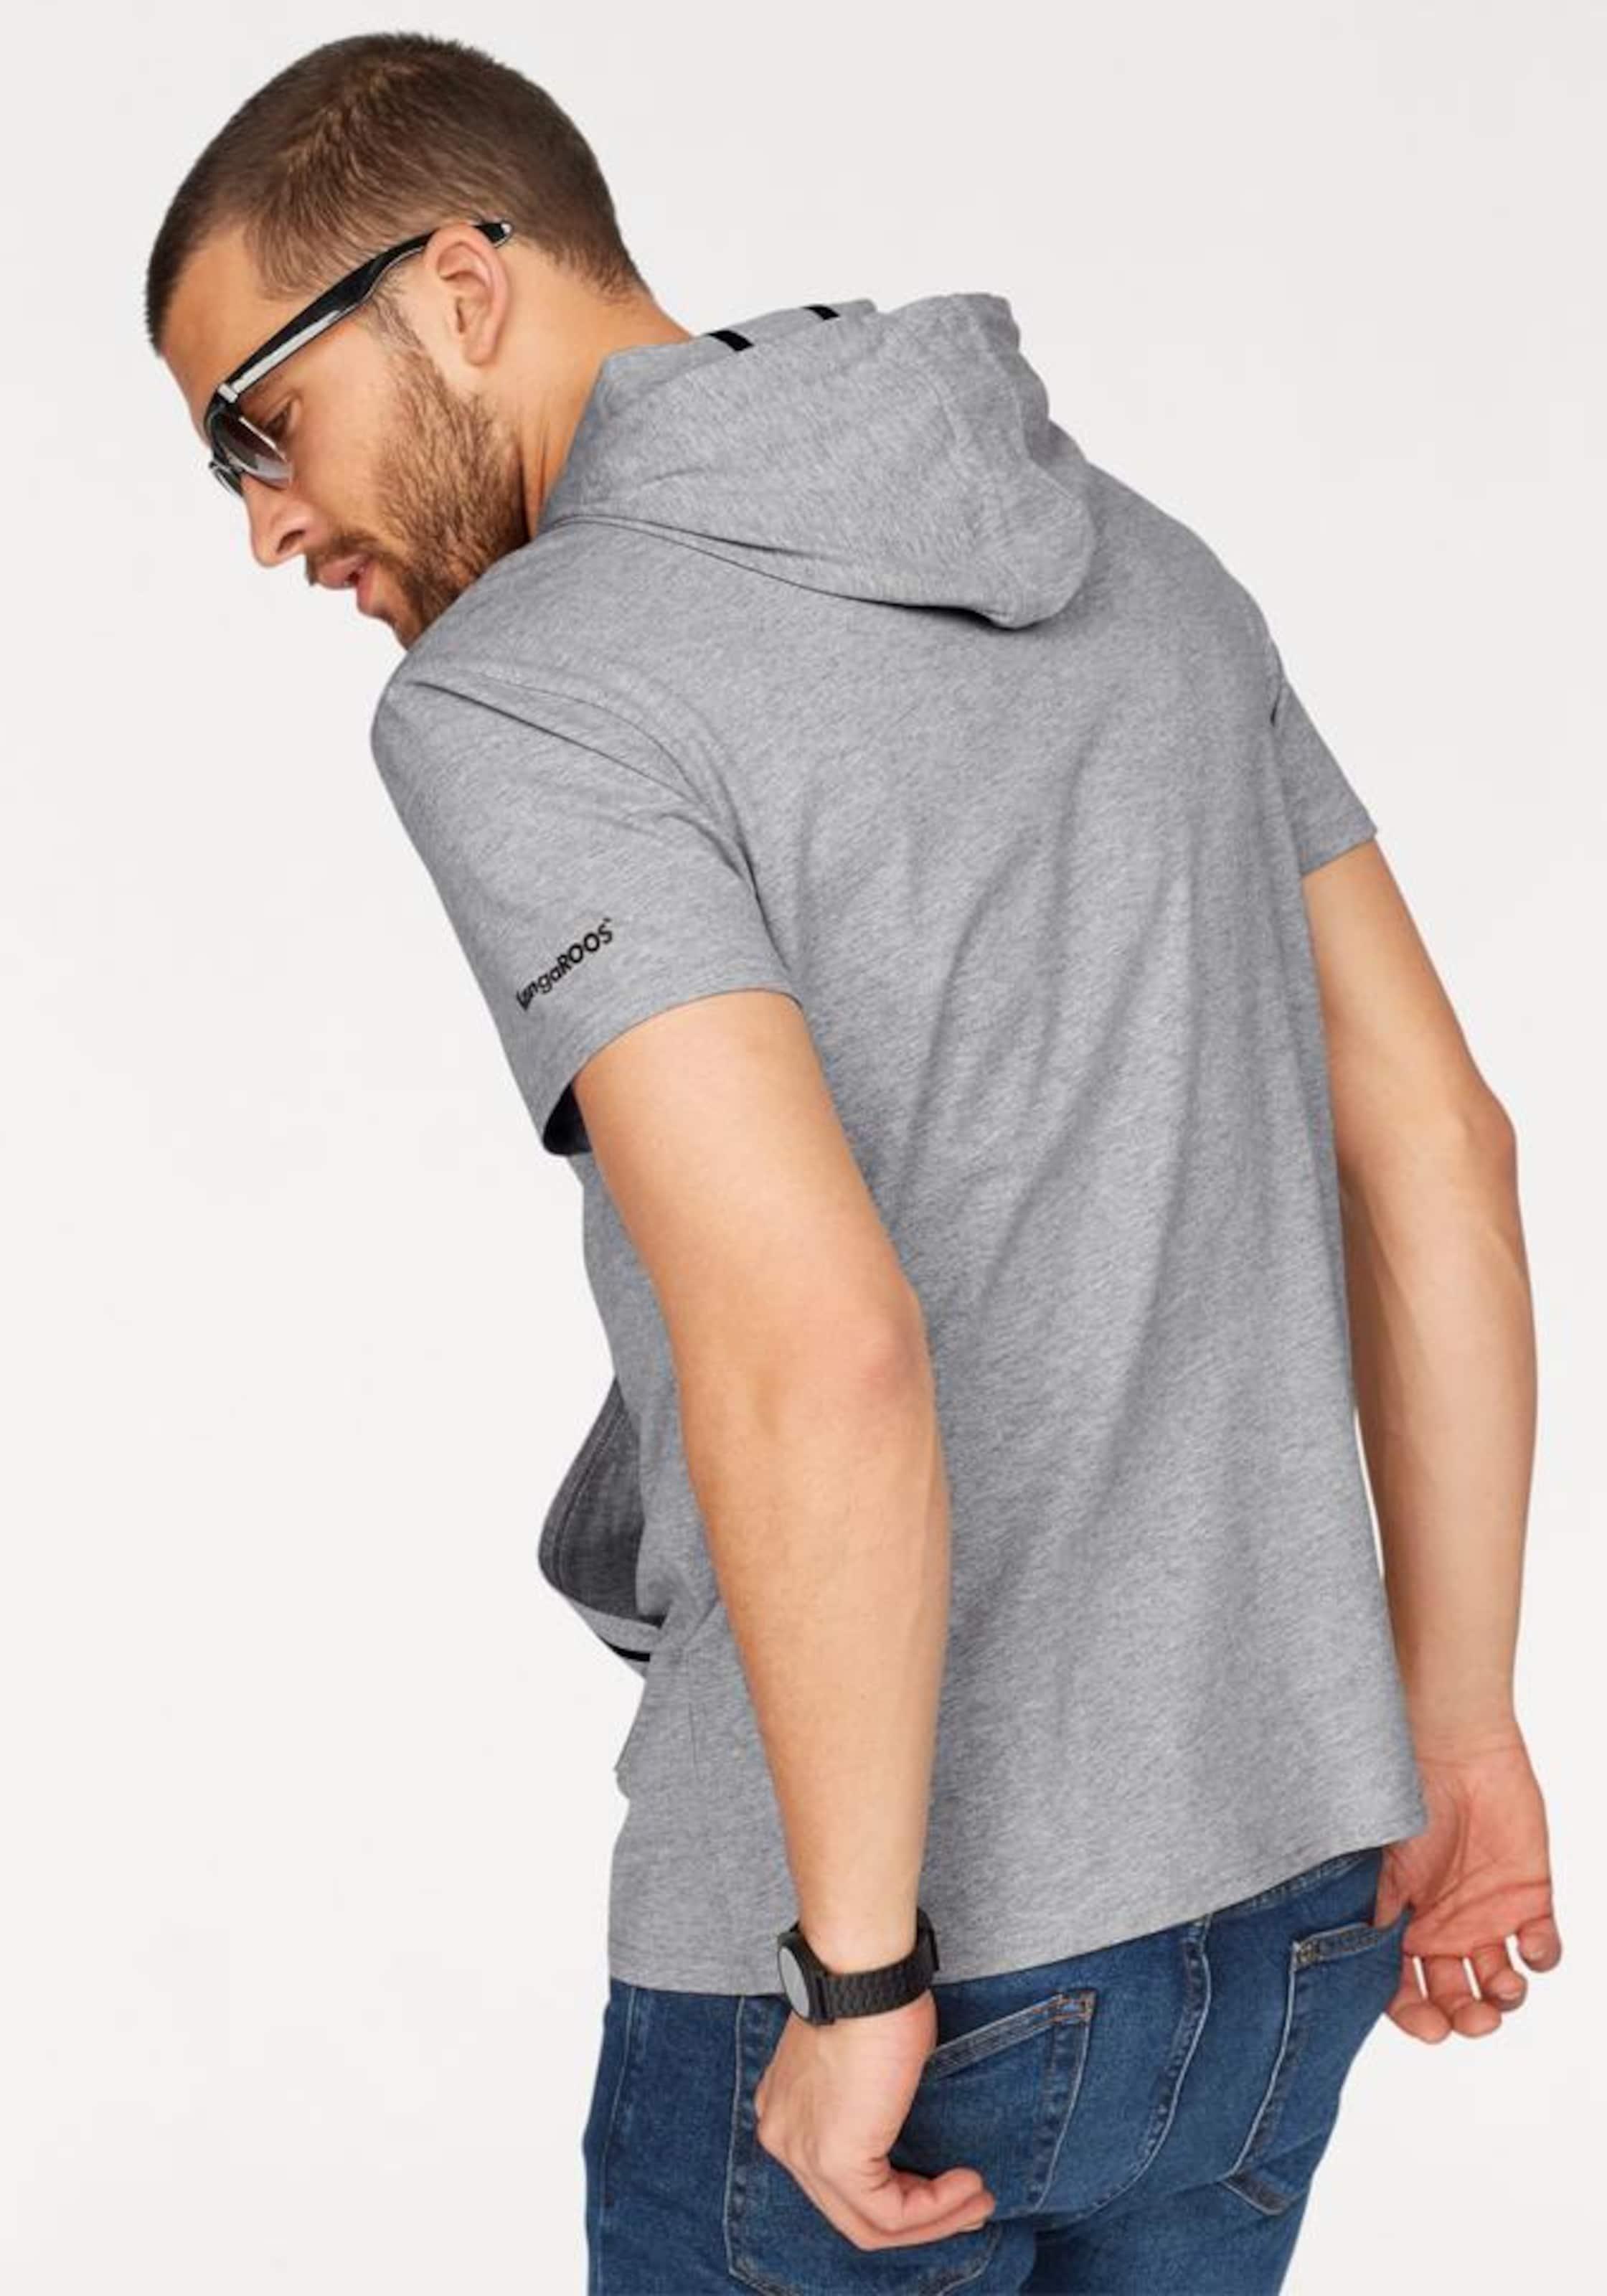 Orange 100% Original KangaROOS T-Shirt Kaufen Günstigen Preis 7vQJPevB0